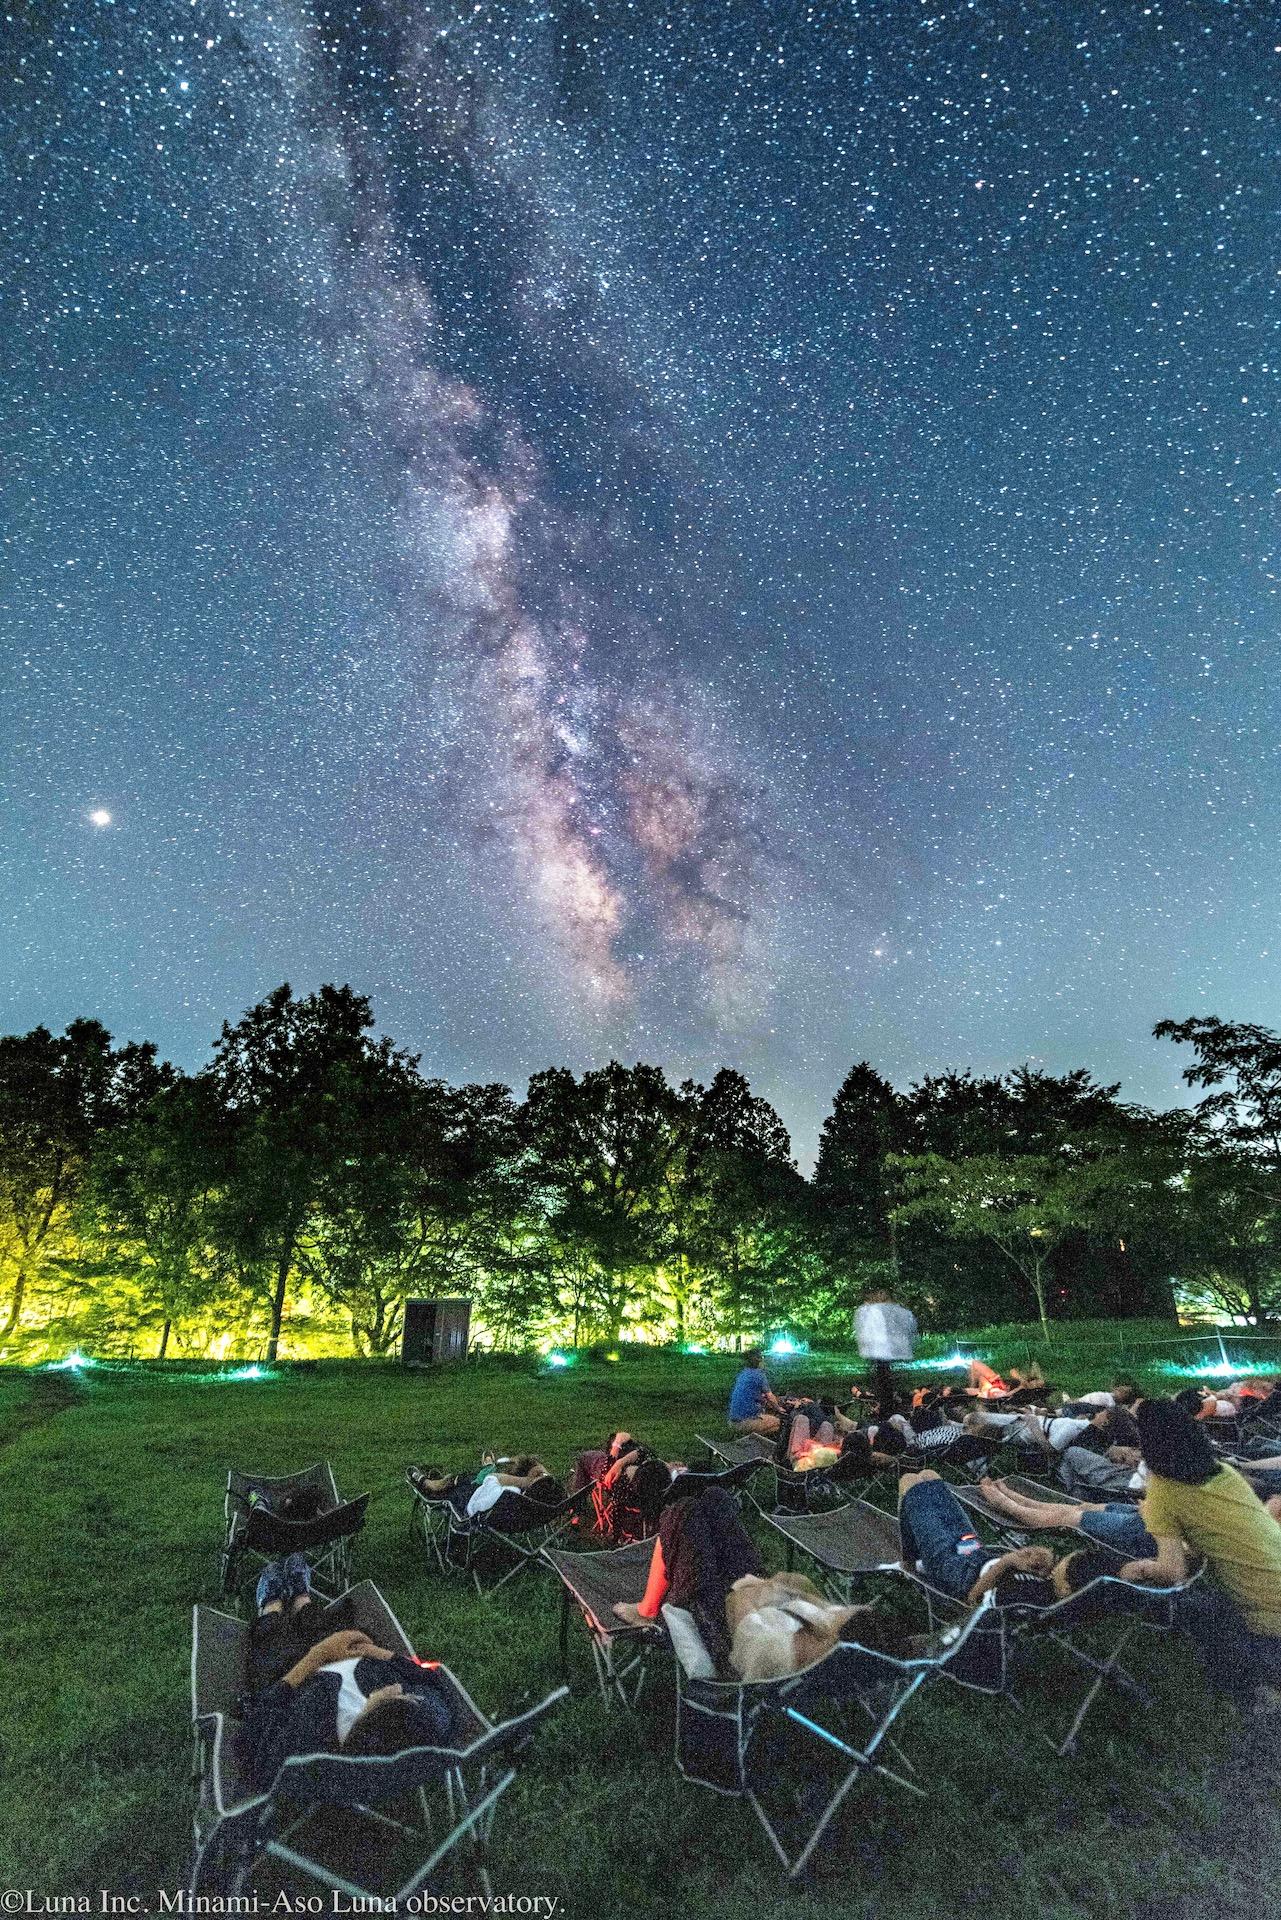 究極の星空体験「星見ヶ原」